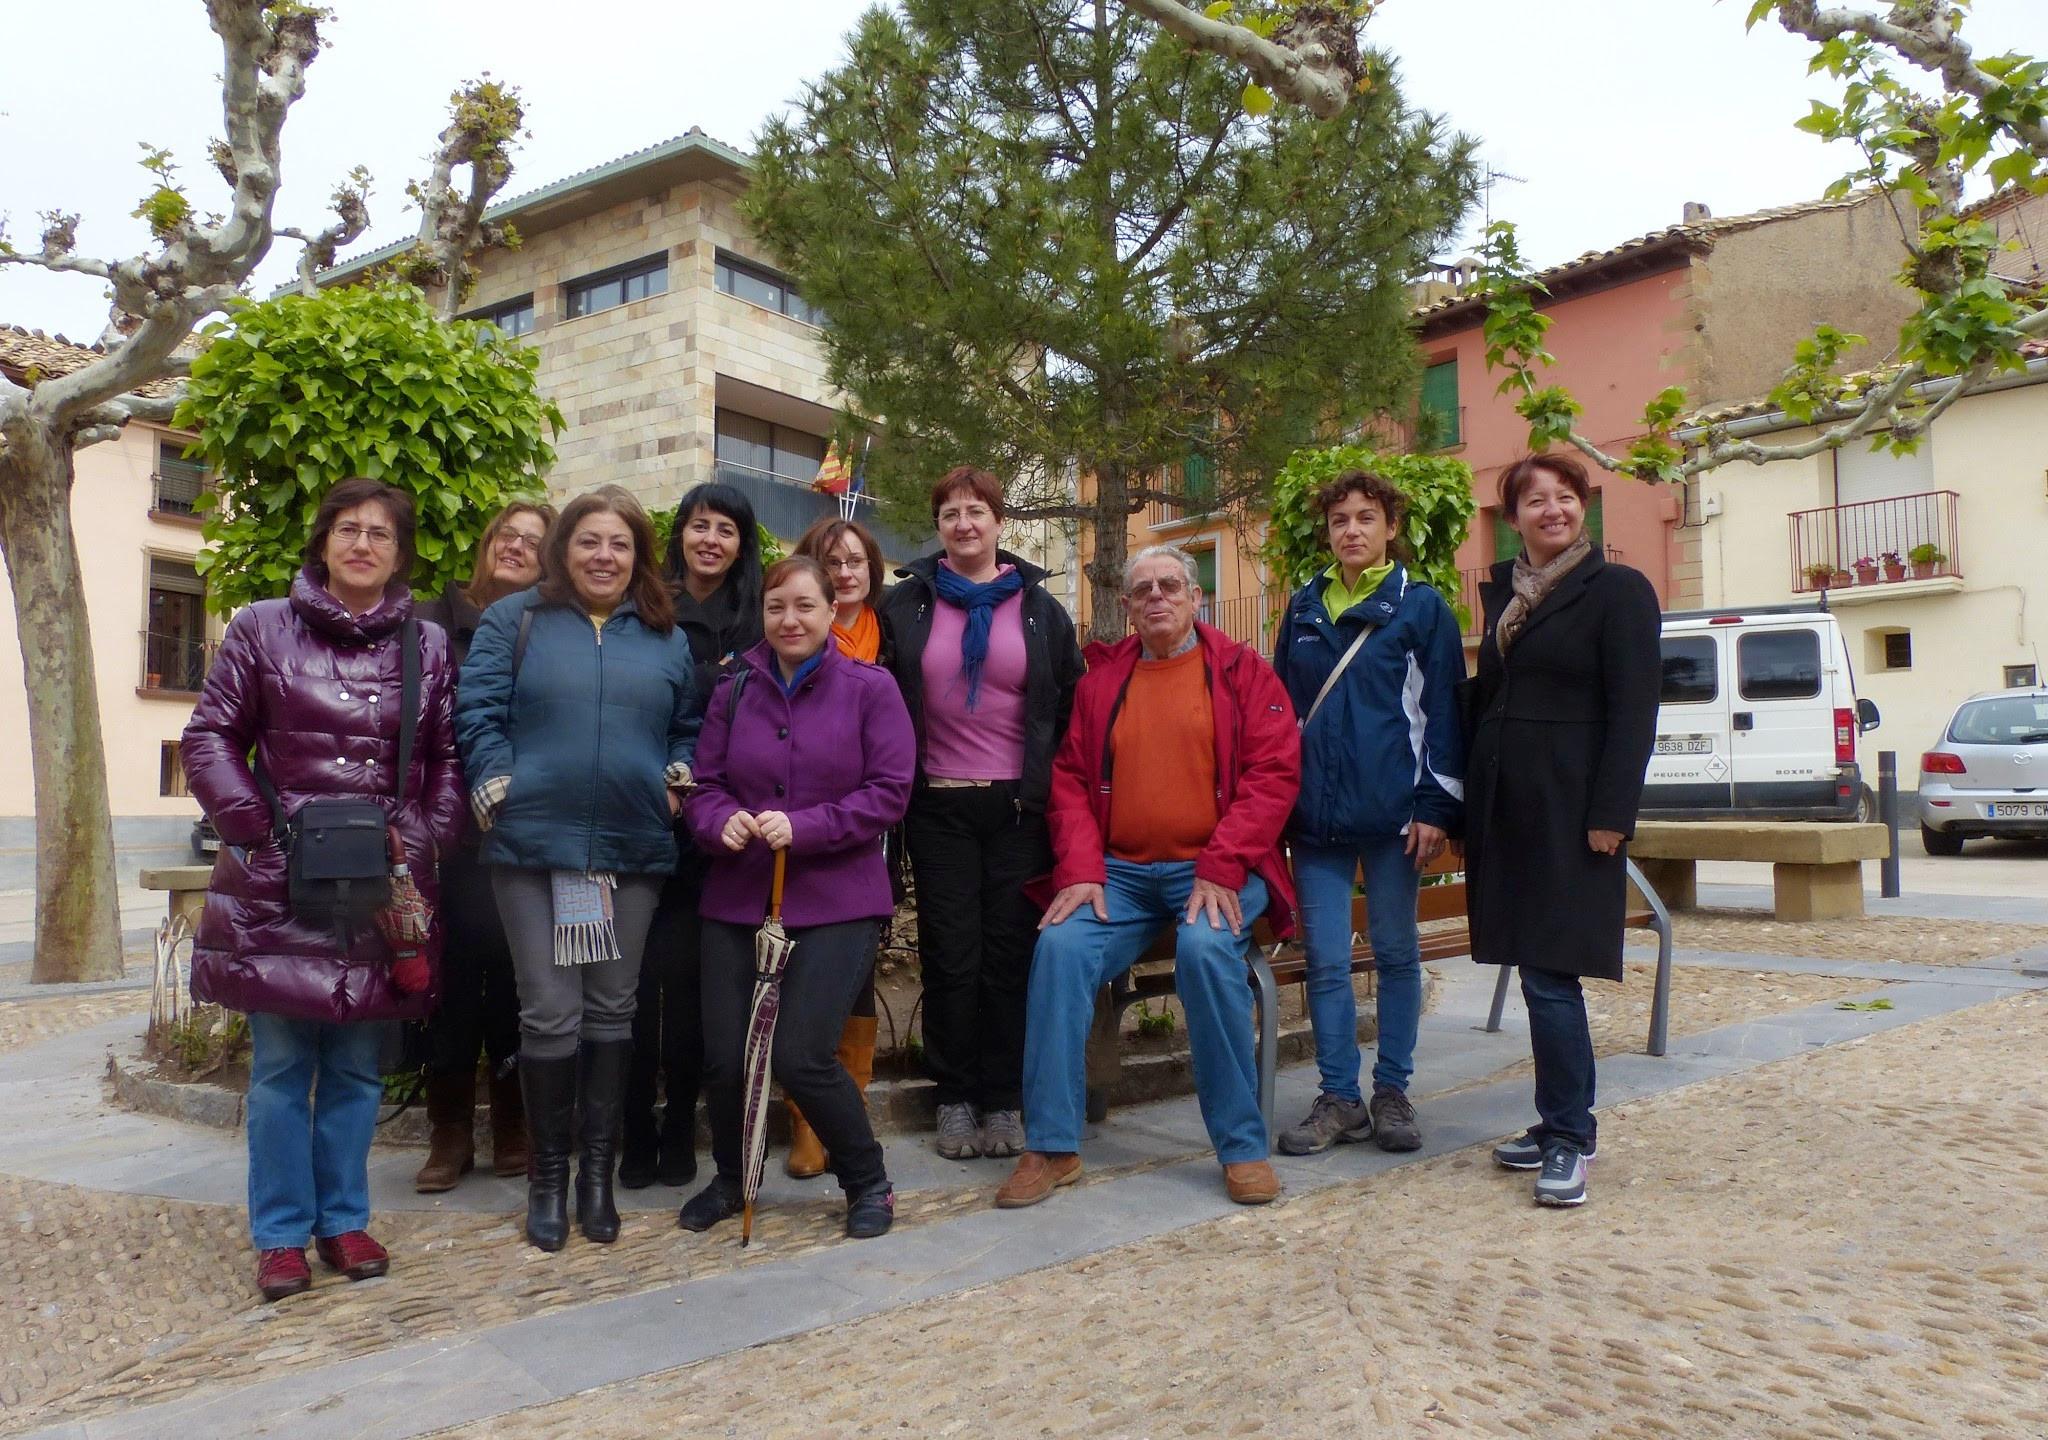 Asistentes al I Fin de Semana Romántico 2012 - Autoras y organizadores - 2